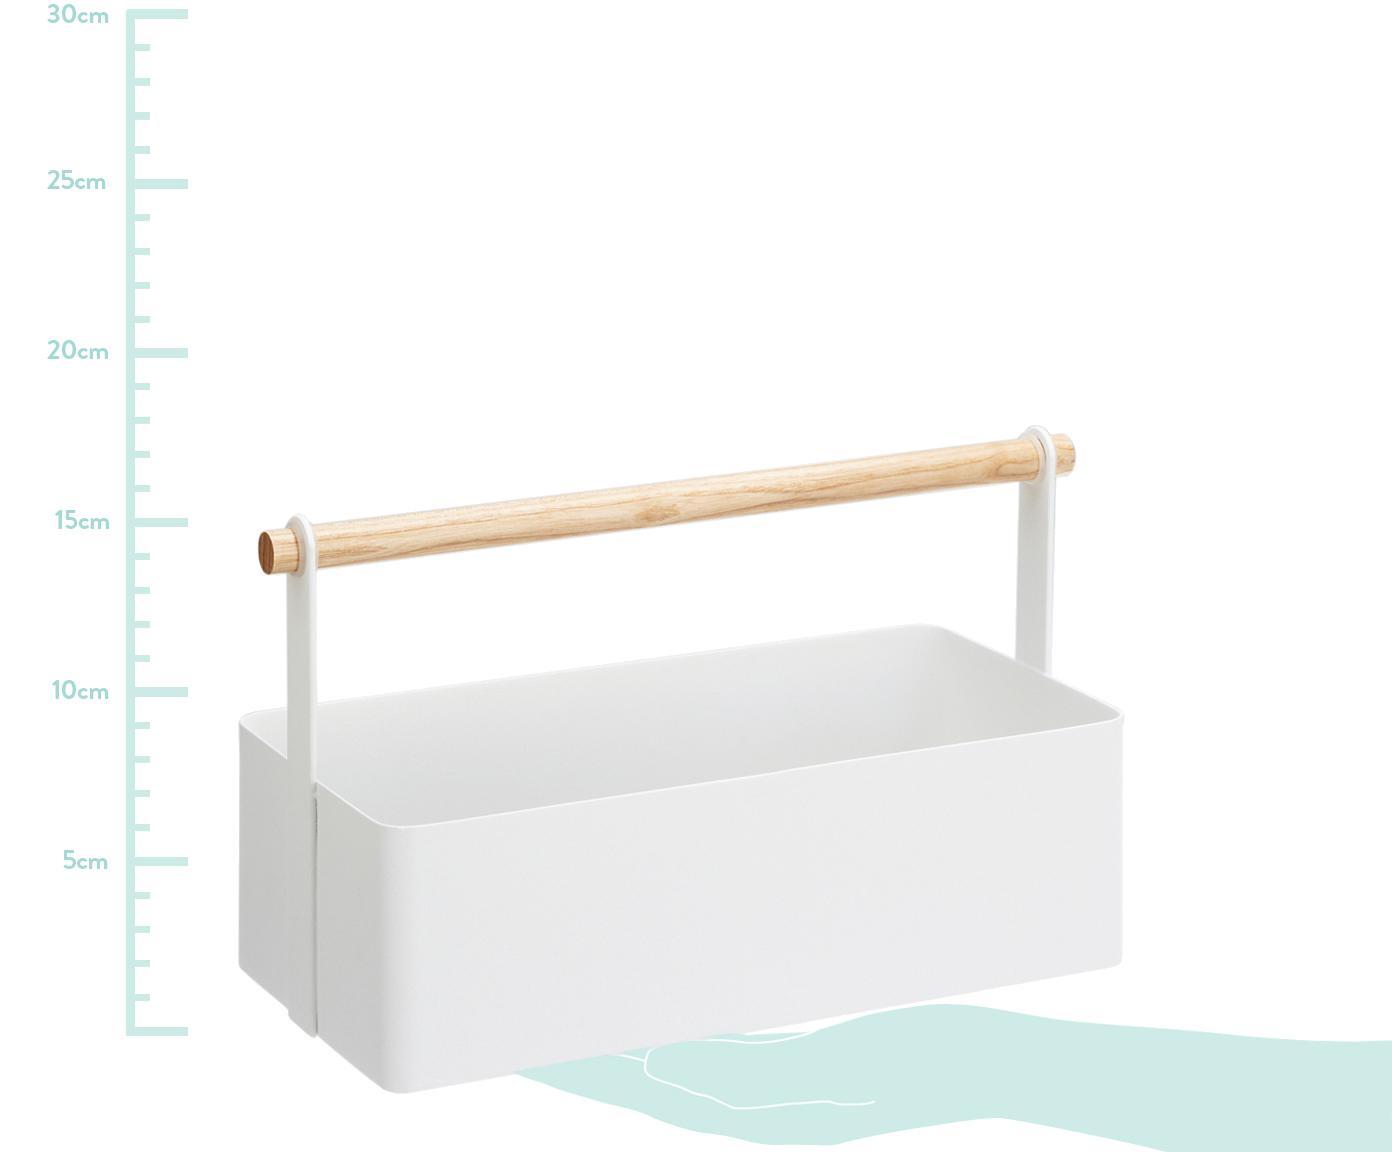 Aufbewahrungskorb Tosca, Box: Stahl, lackiert, Griff: Holz, Weiß, Braun, 29 x 16 cm